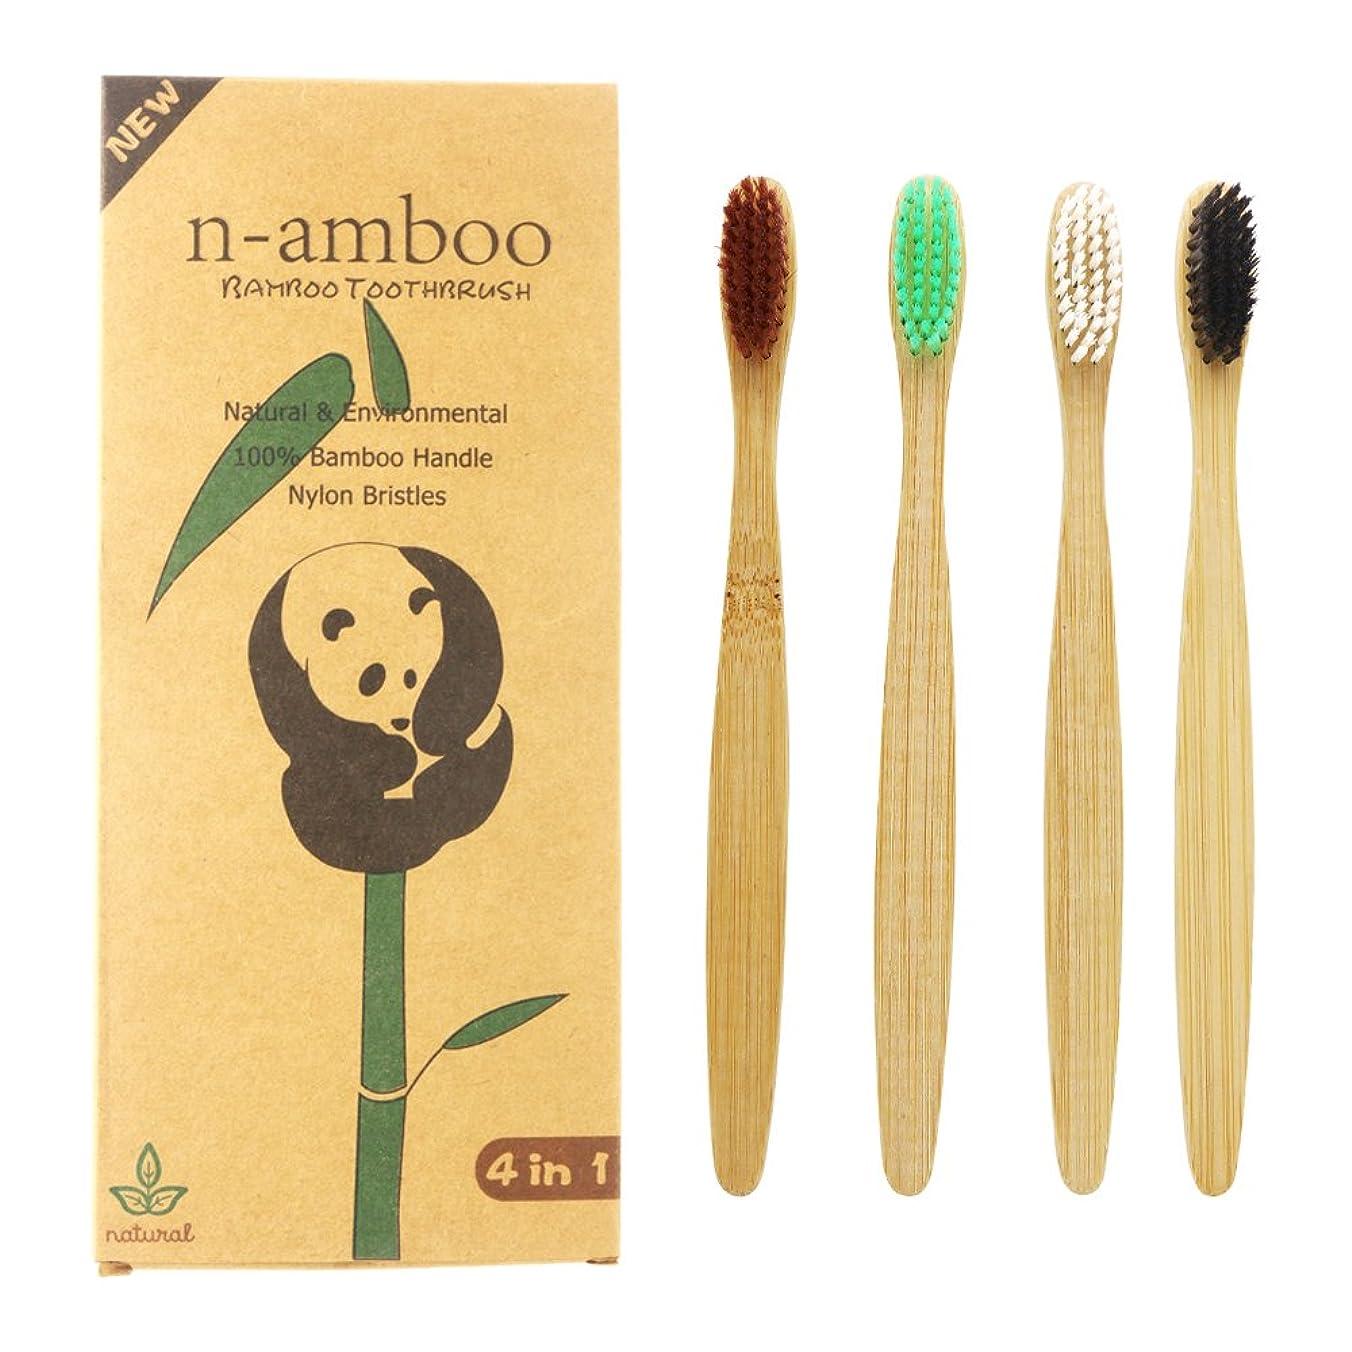 愛するゴシップ許可N-amboo 竹製 歯ブラシ 高耐久性 4種類 4色セット エコ 軽量 4本入りセット